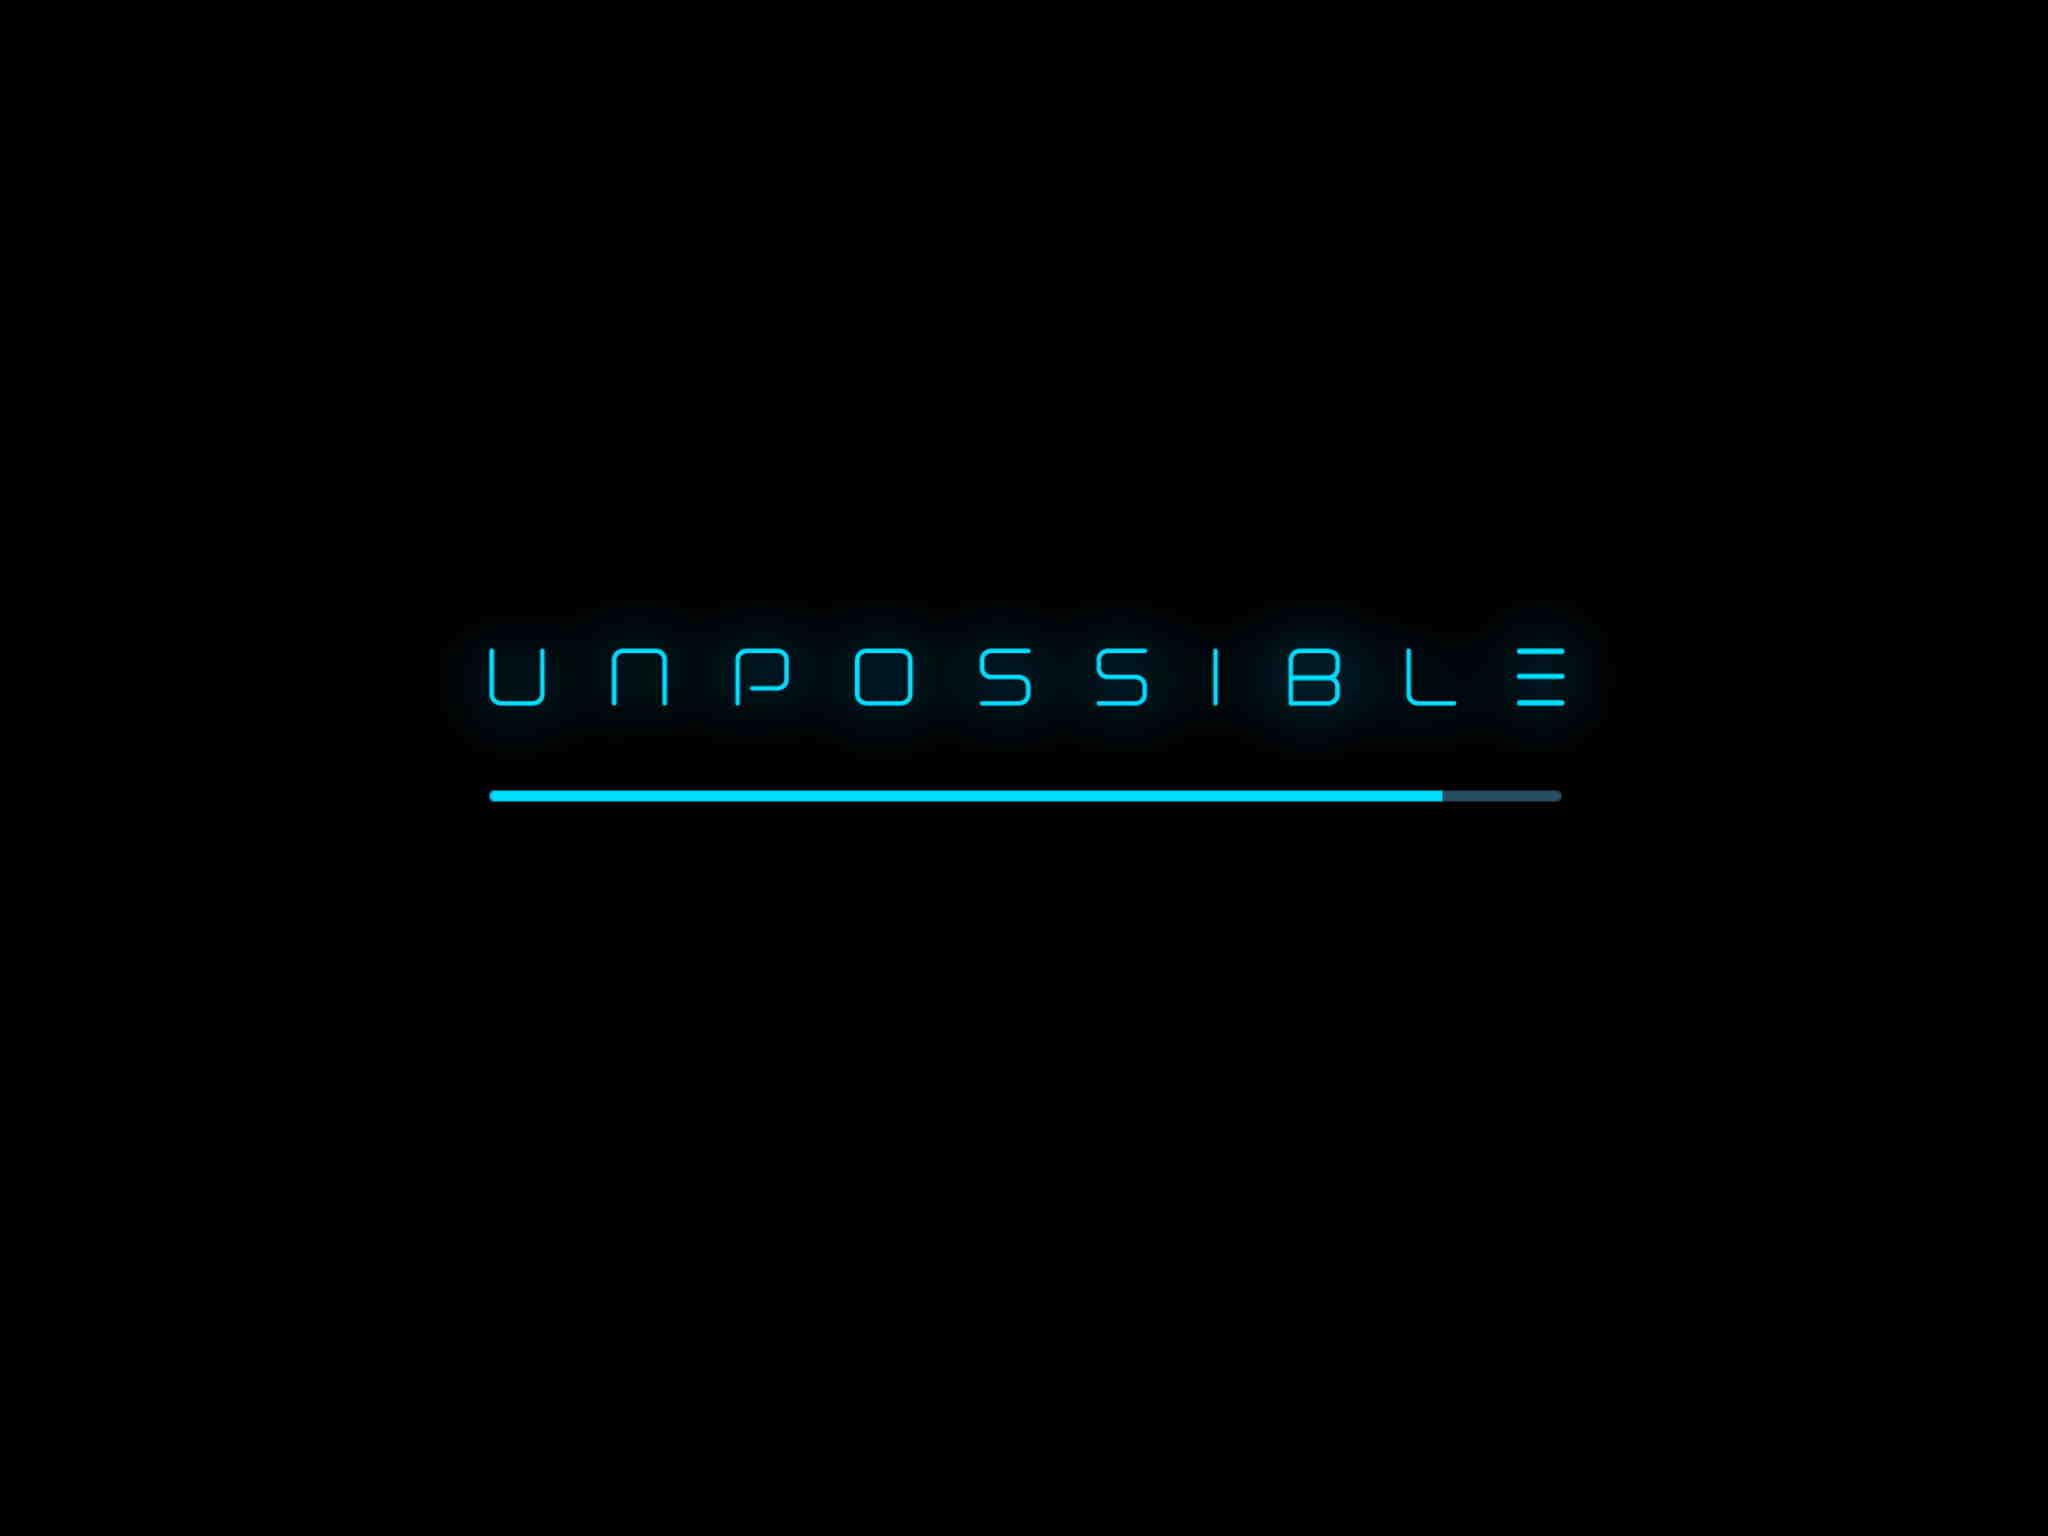 Unpossible_01